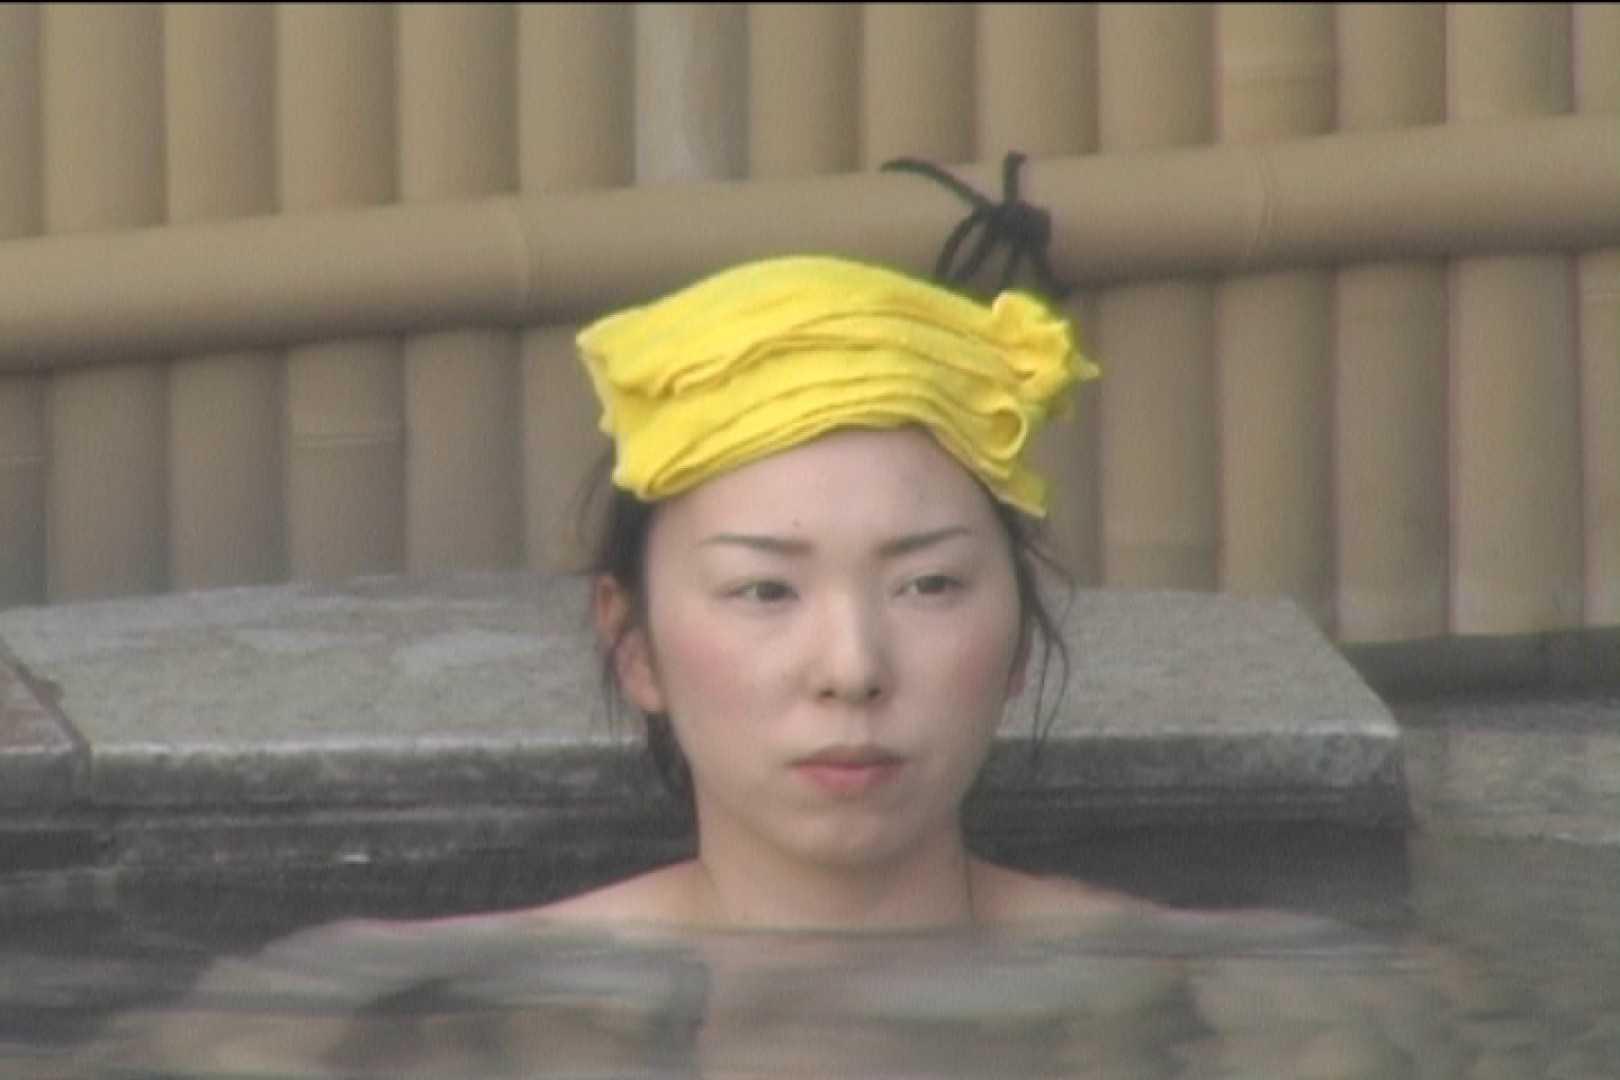 Aquaな露天風呂Vol.529 盗撮シリーズ  106PIX 34